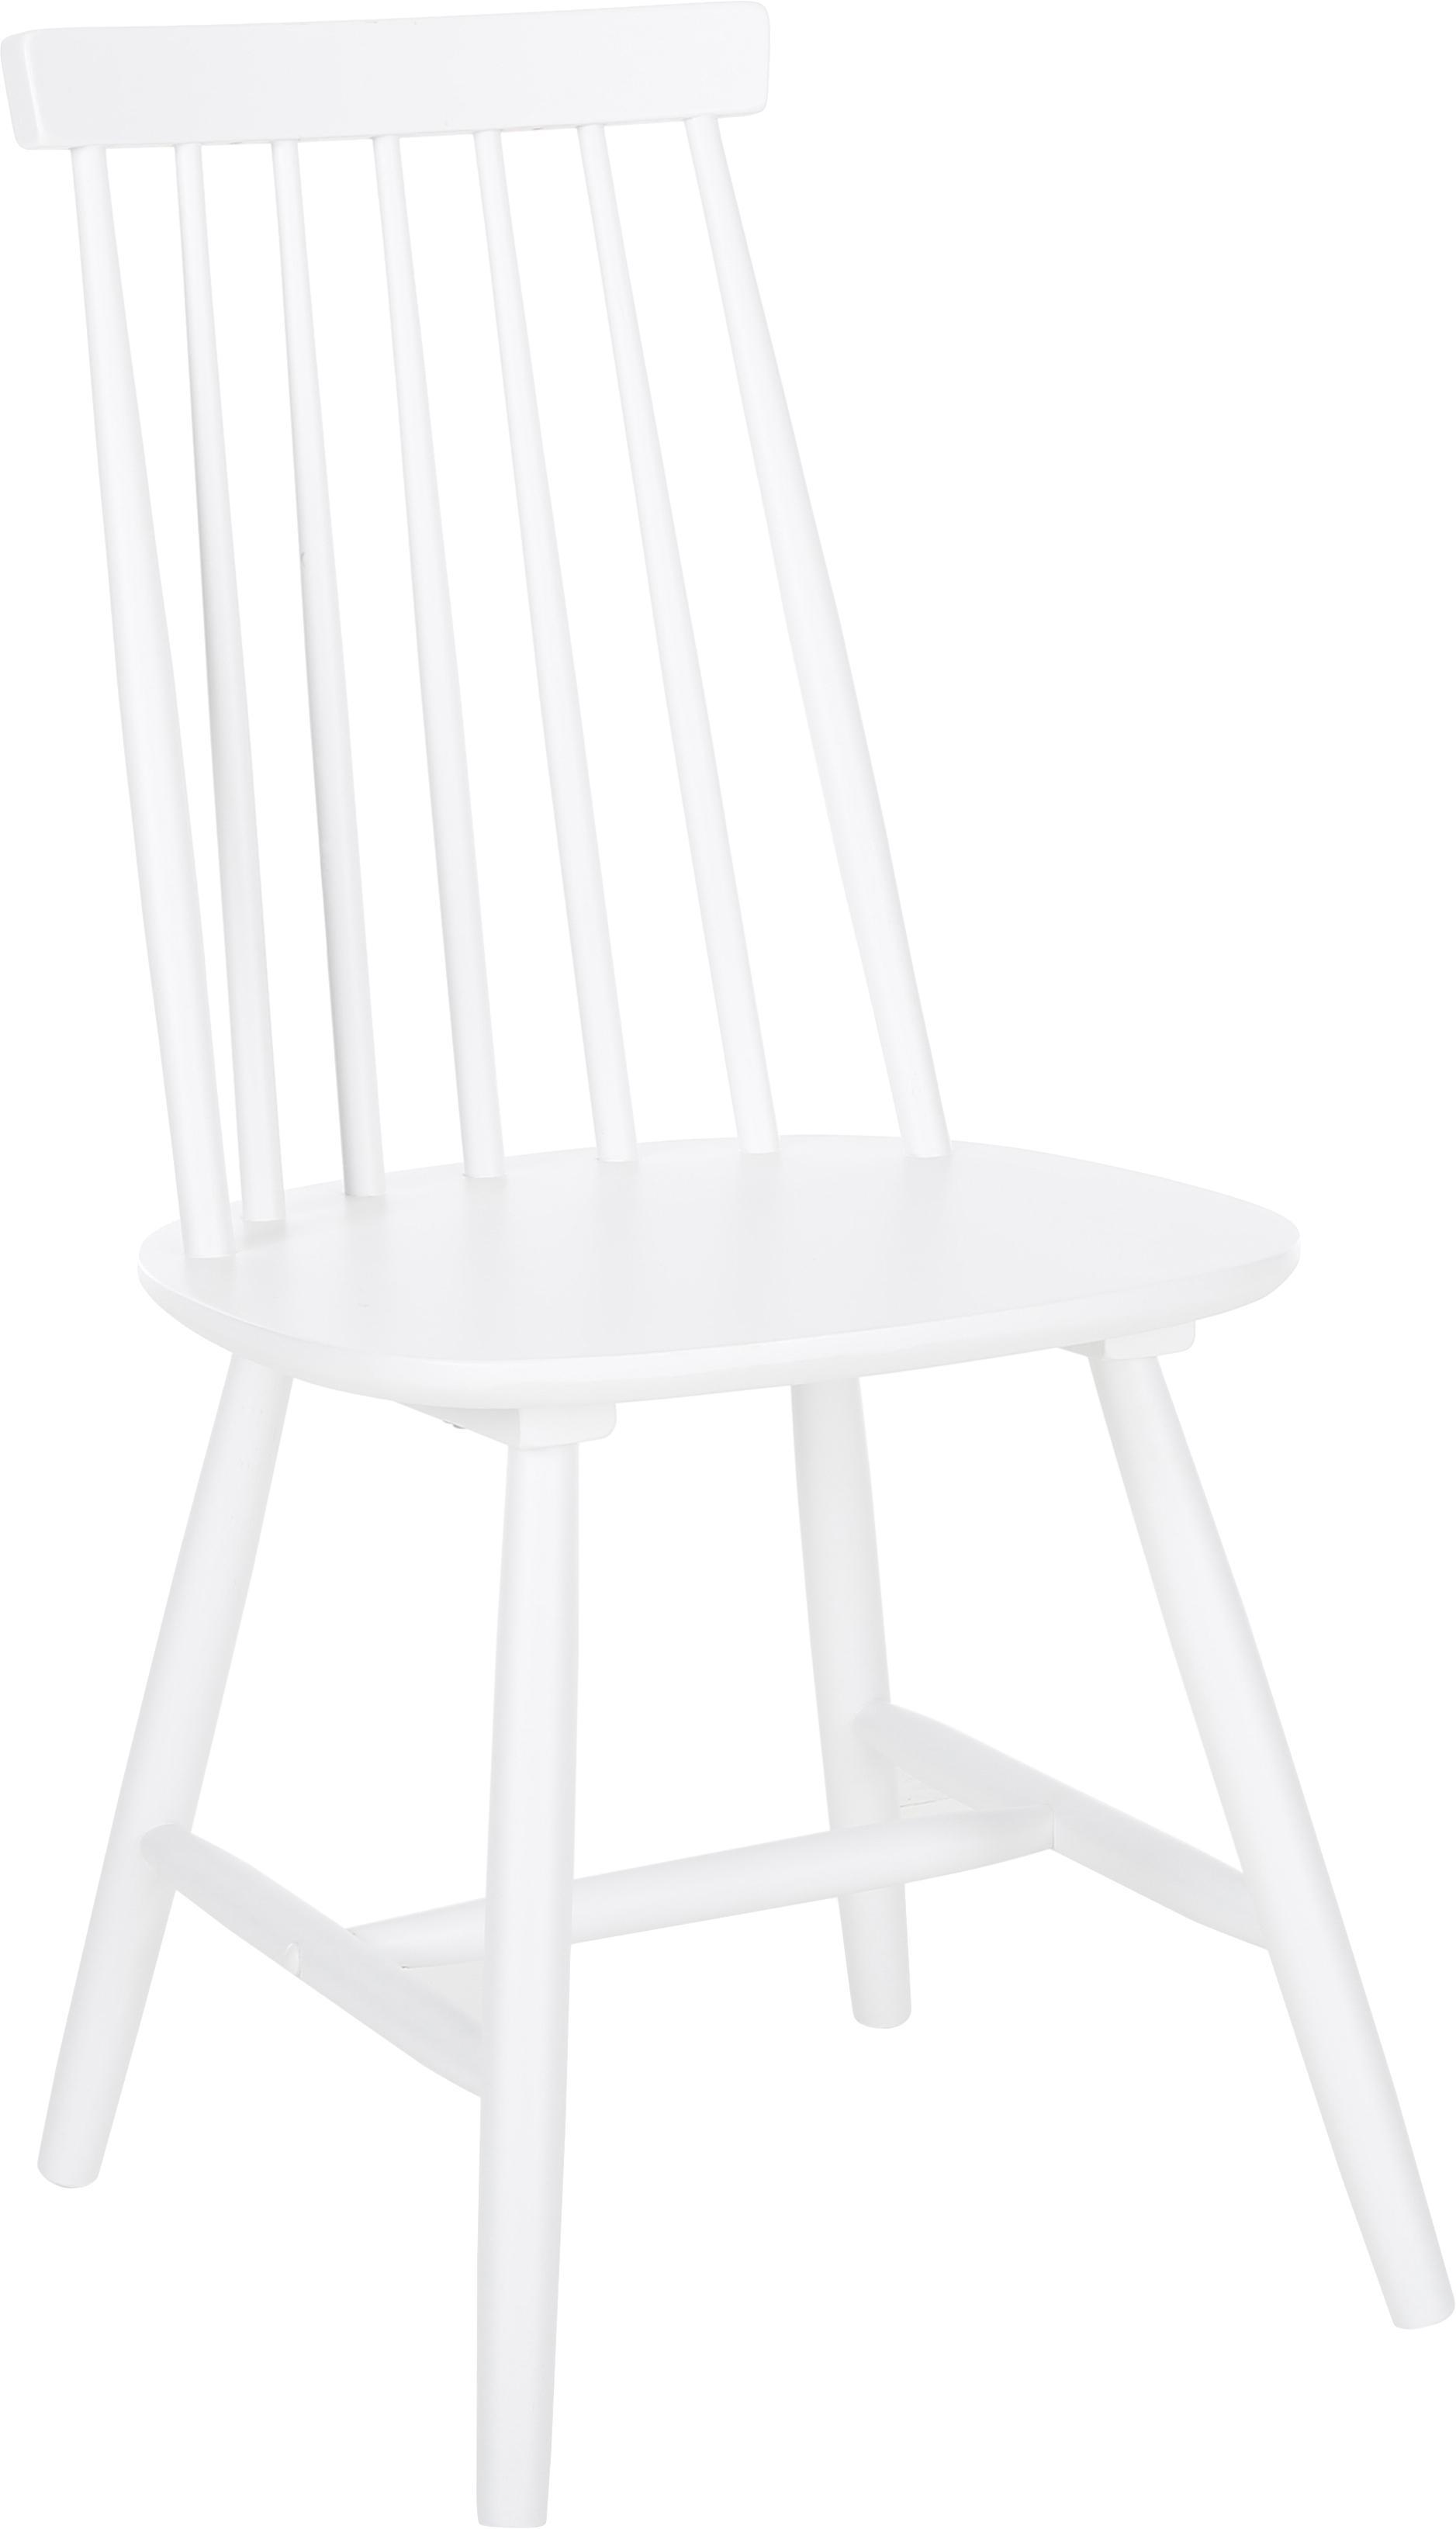 Krzesło z drewna Milas, 2 szt., Kauczukowiec brazylijski, lakierowany, Biały, S 52 x G 45 cm